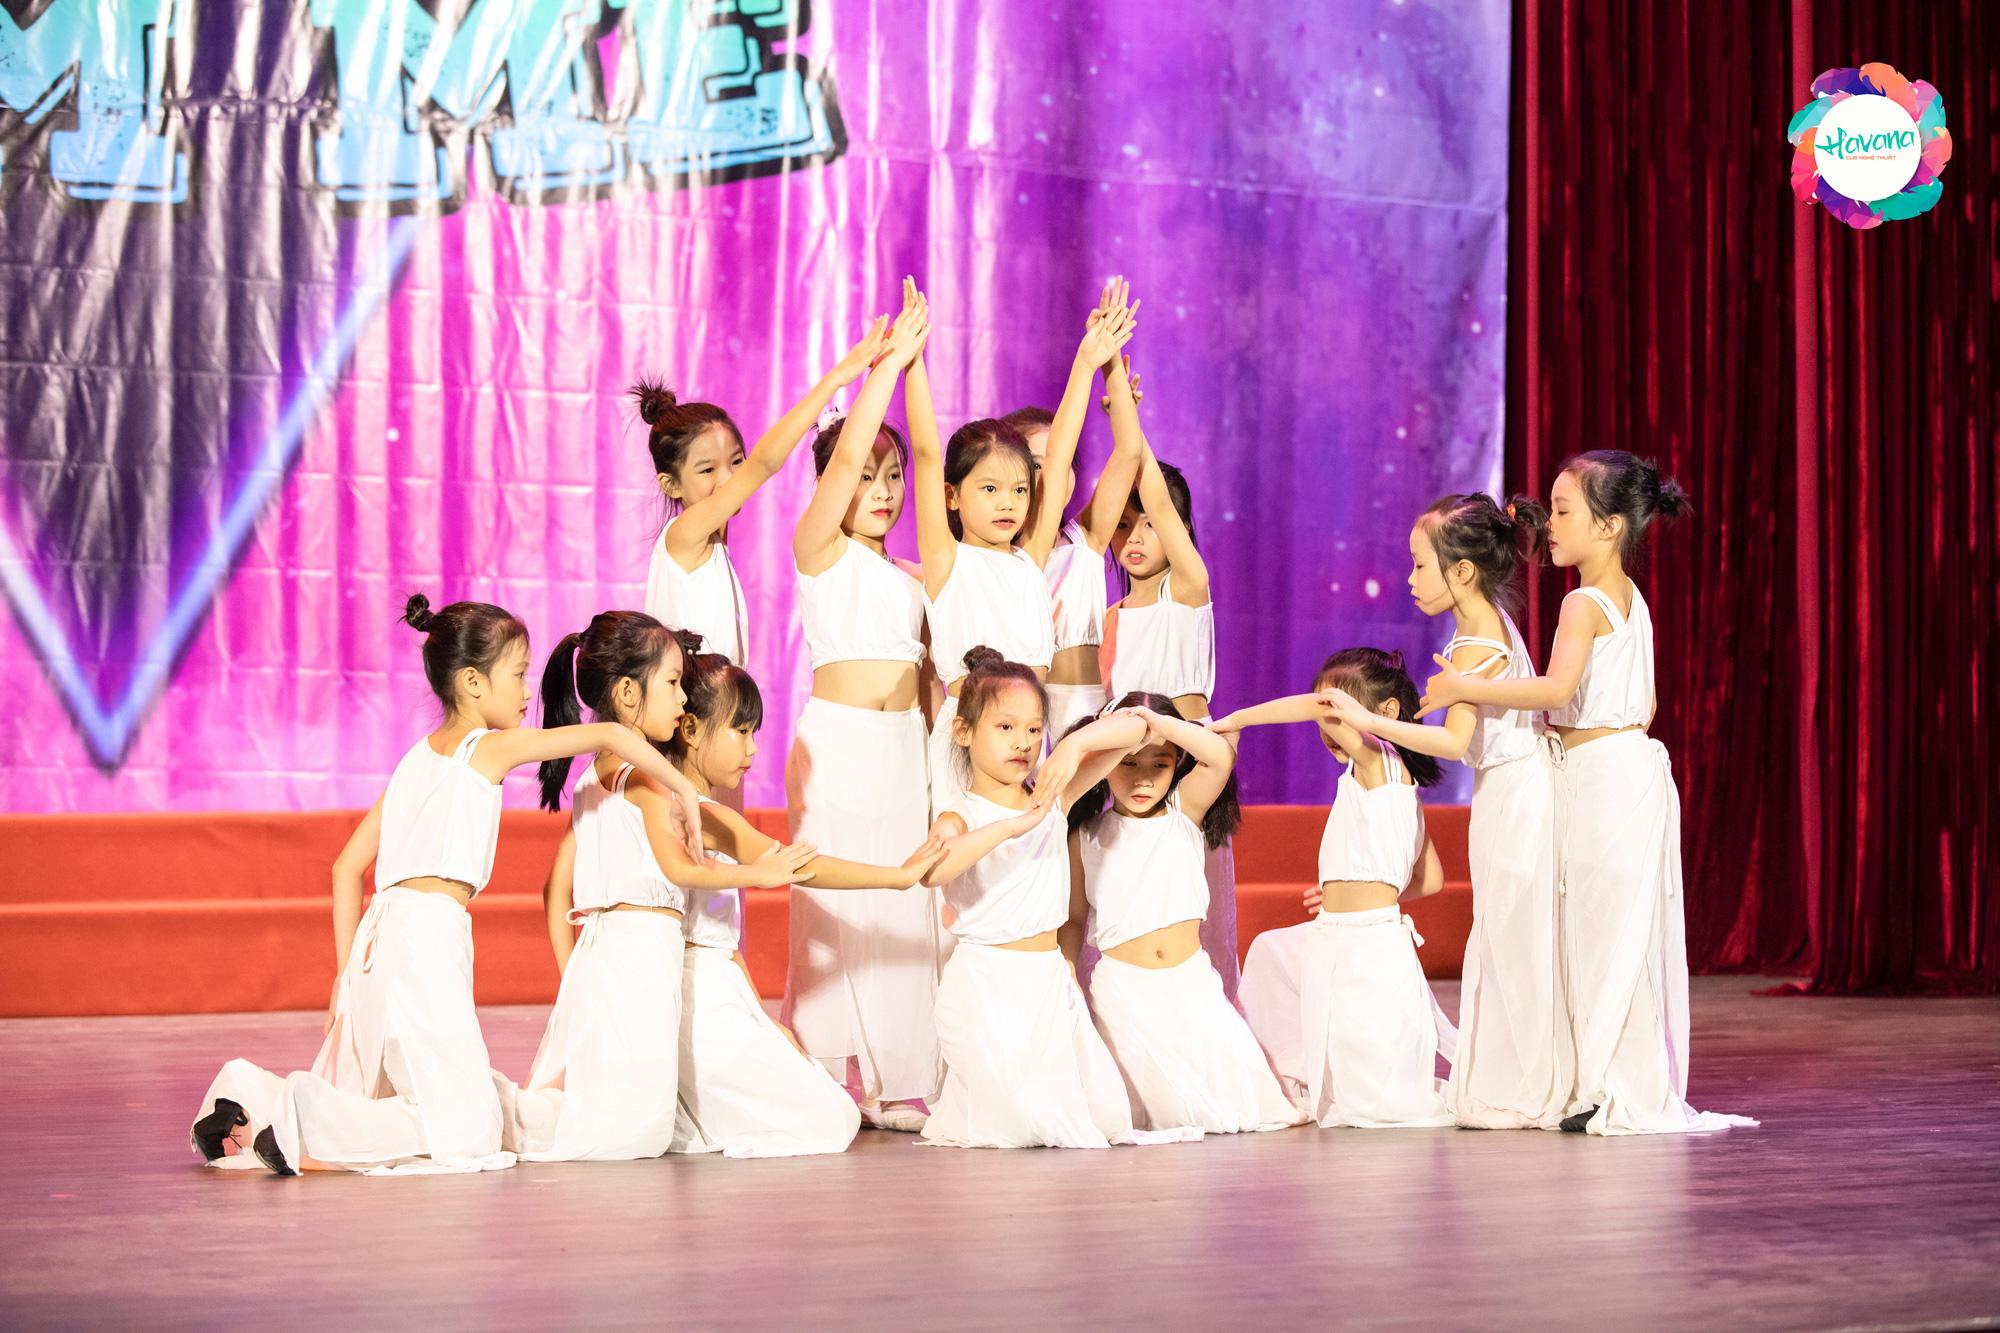 Câu lạc bộ nghệ thuật Havana: Đơn vị xuất sắc trong đào tạo nghệ thuật trẻ em - Ảnh 6.